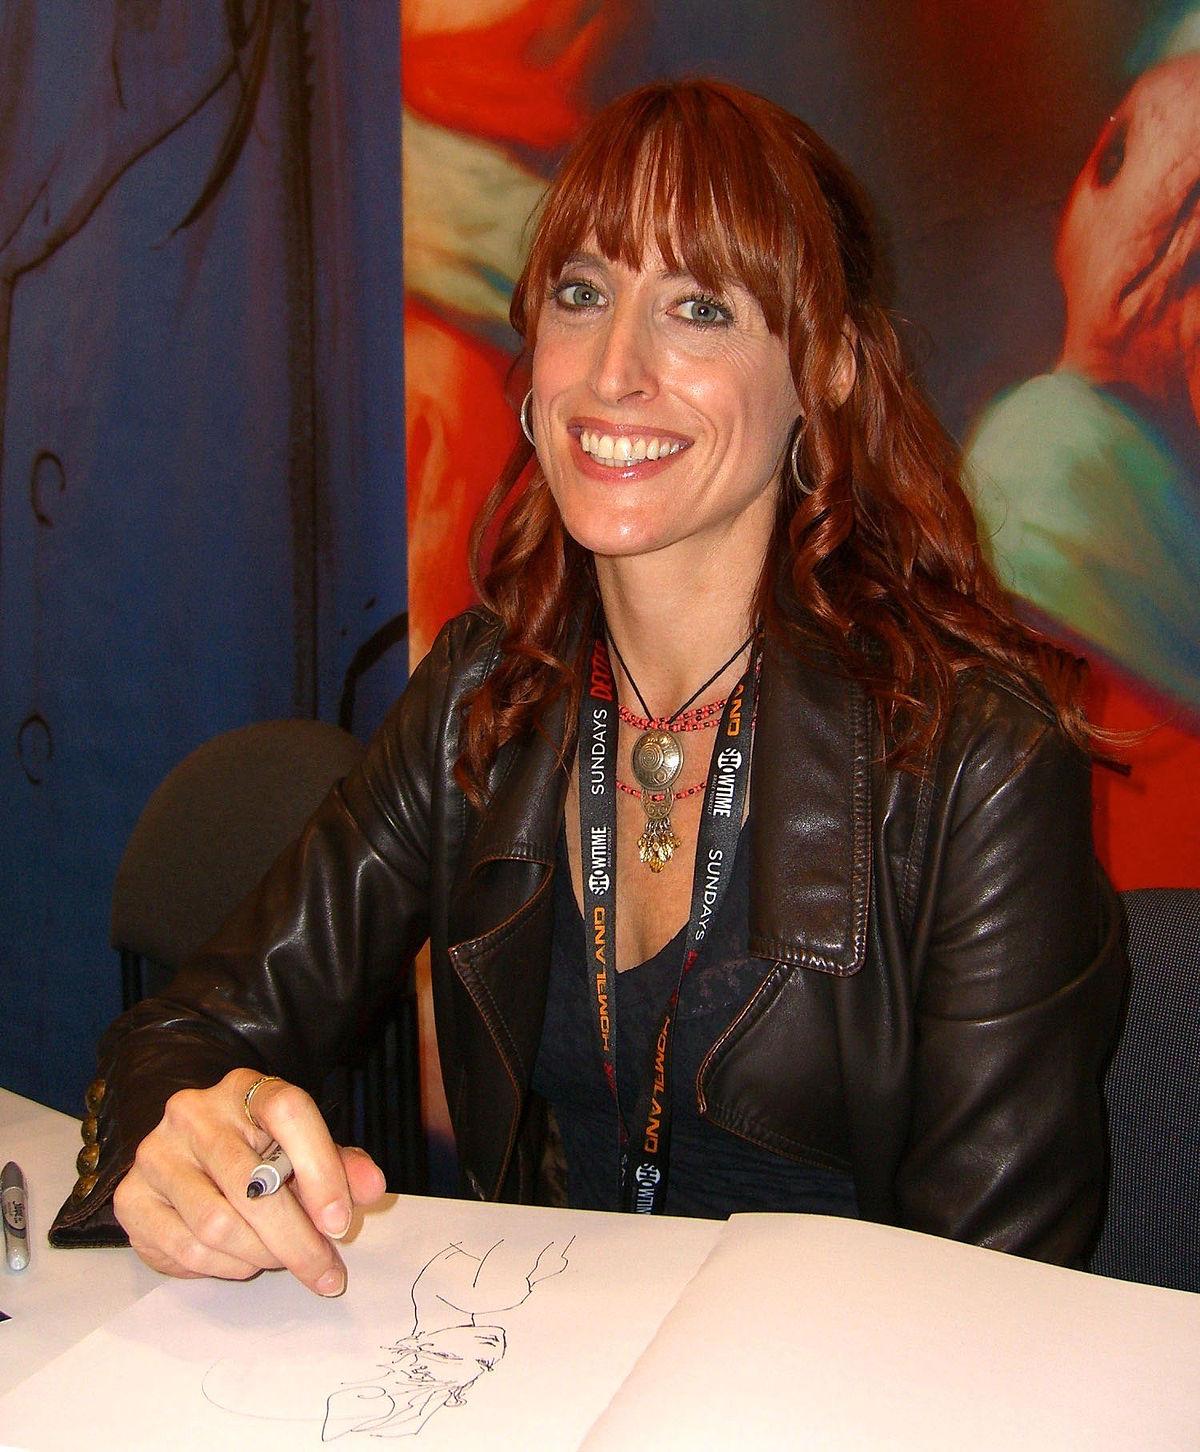 Rebecca Guay - Wikipedia